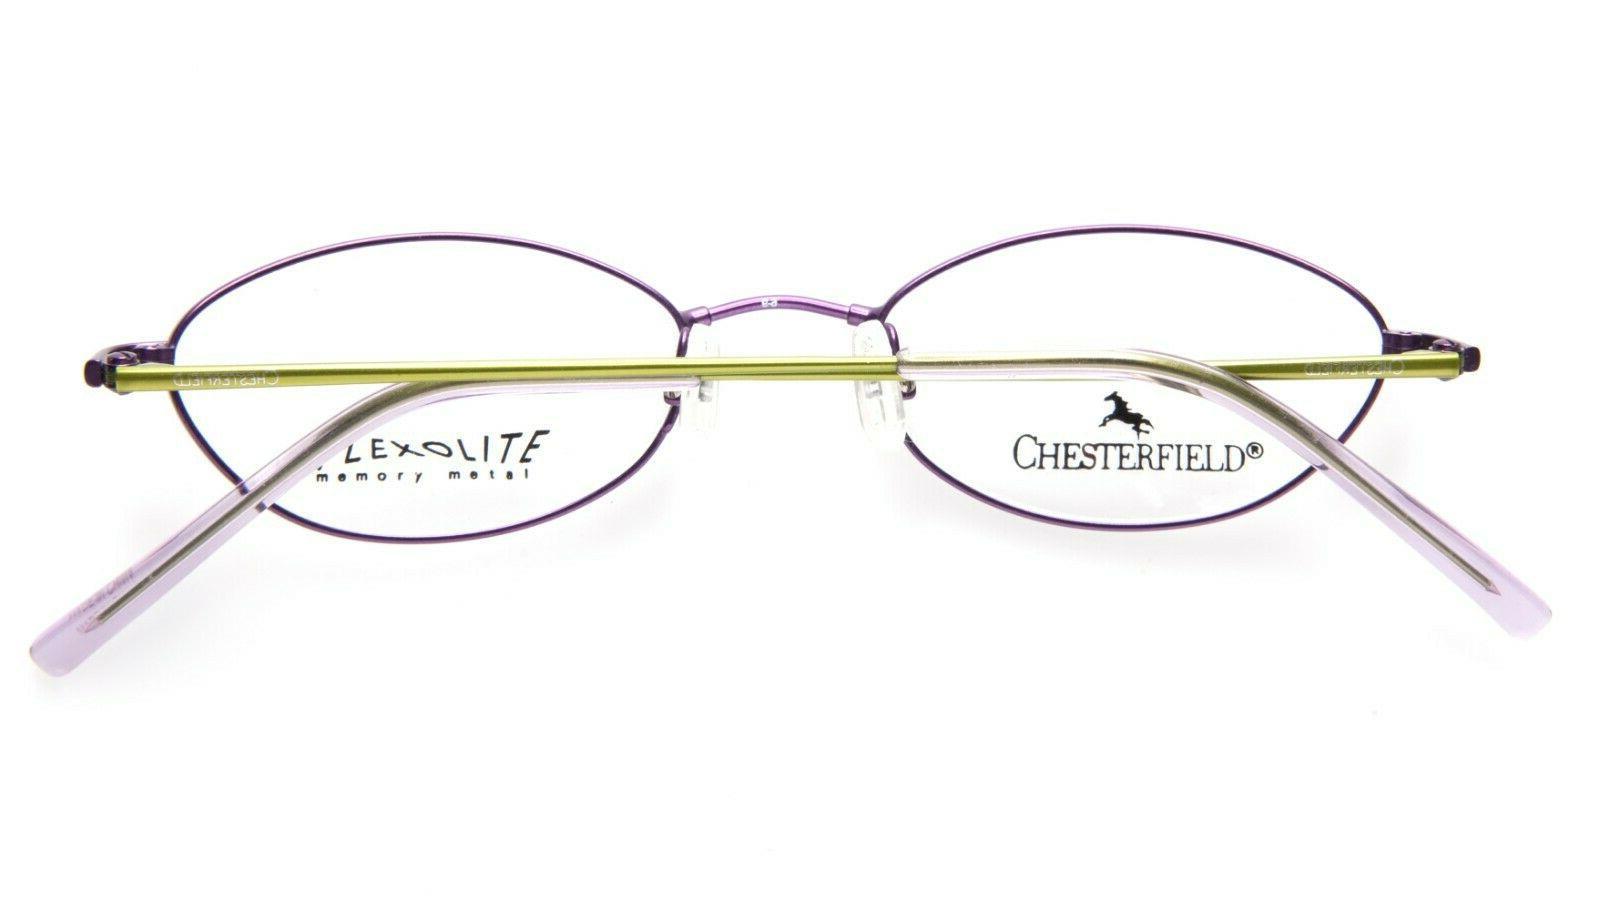 NEW Chesterfield VIOLET EYEGLASSES GLASSES FRAME 46-17-135 B26mm